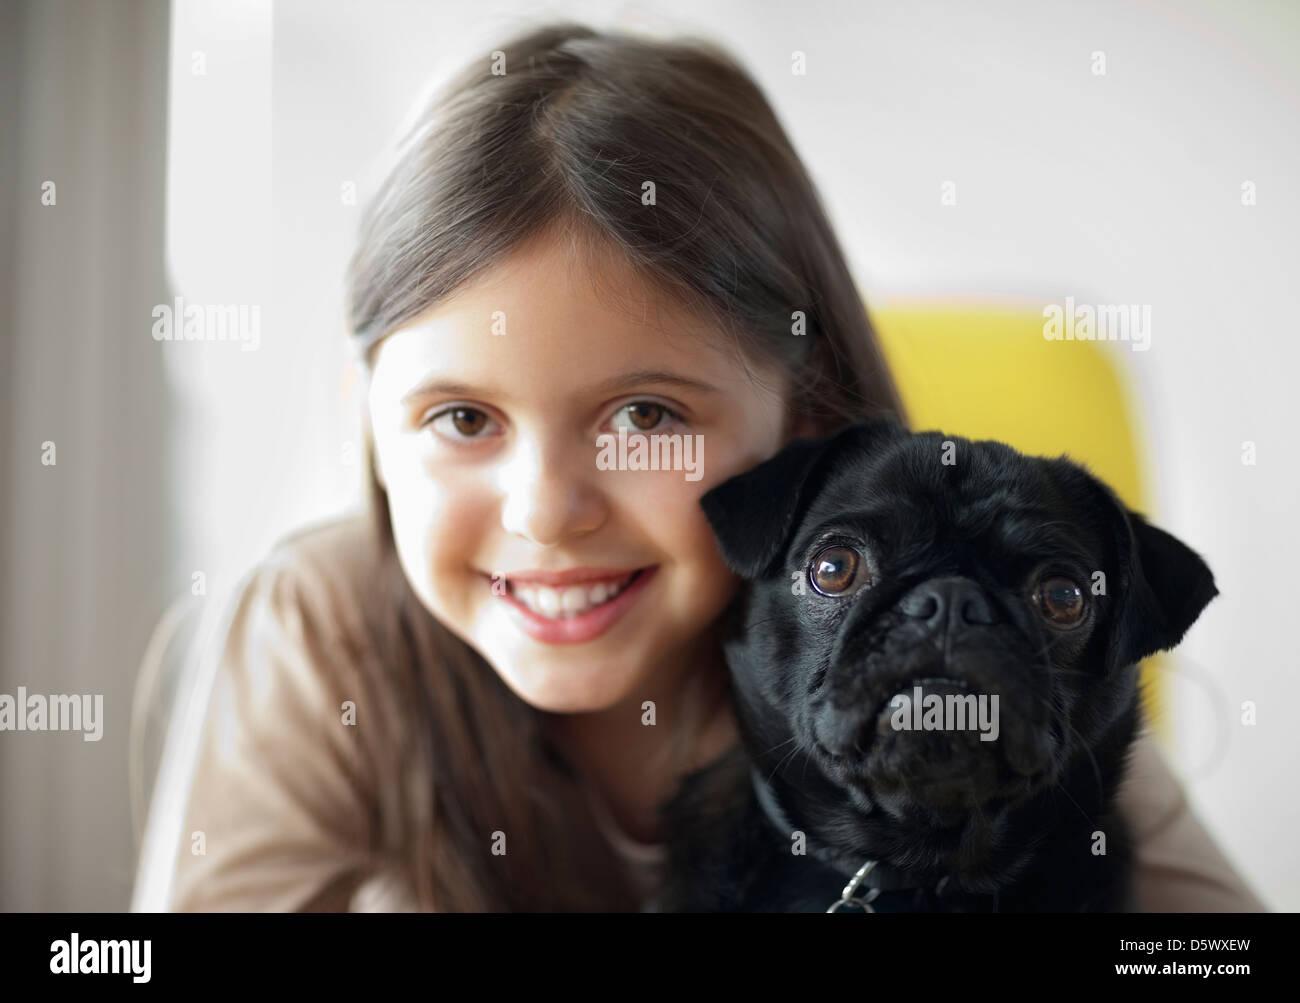 Smiling girl holding dog - Stock Image